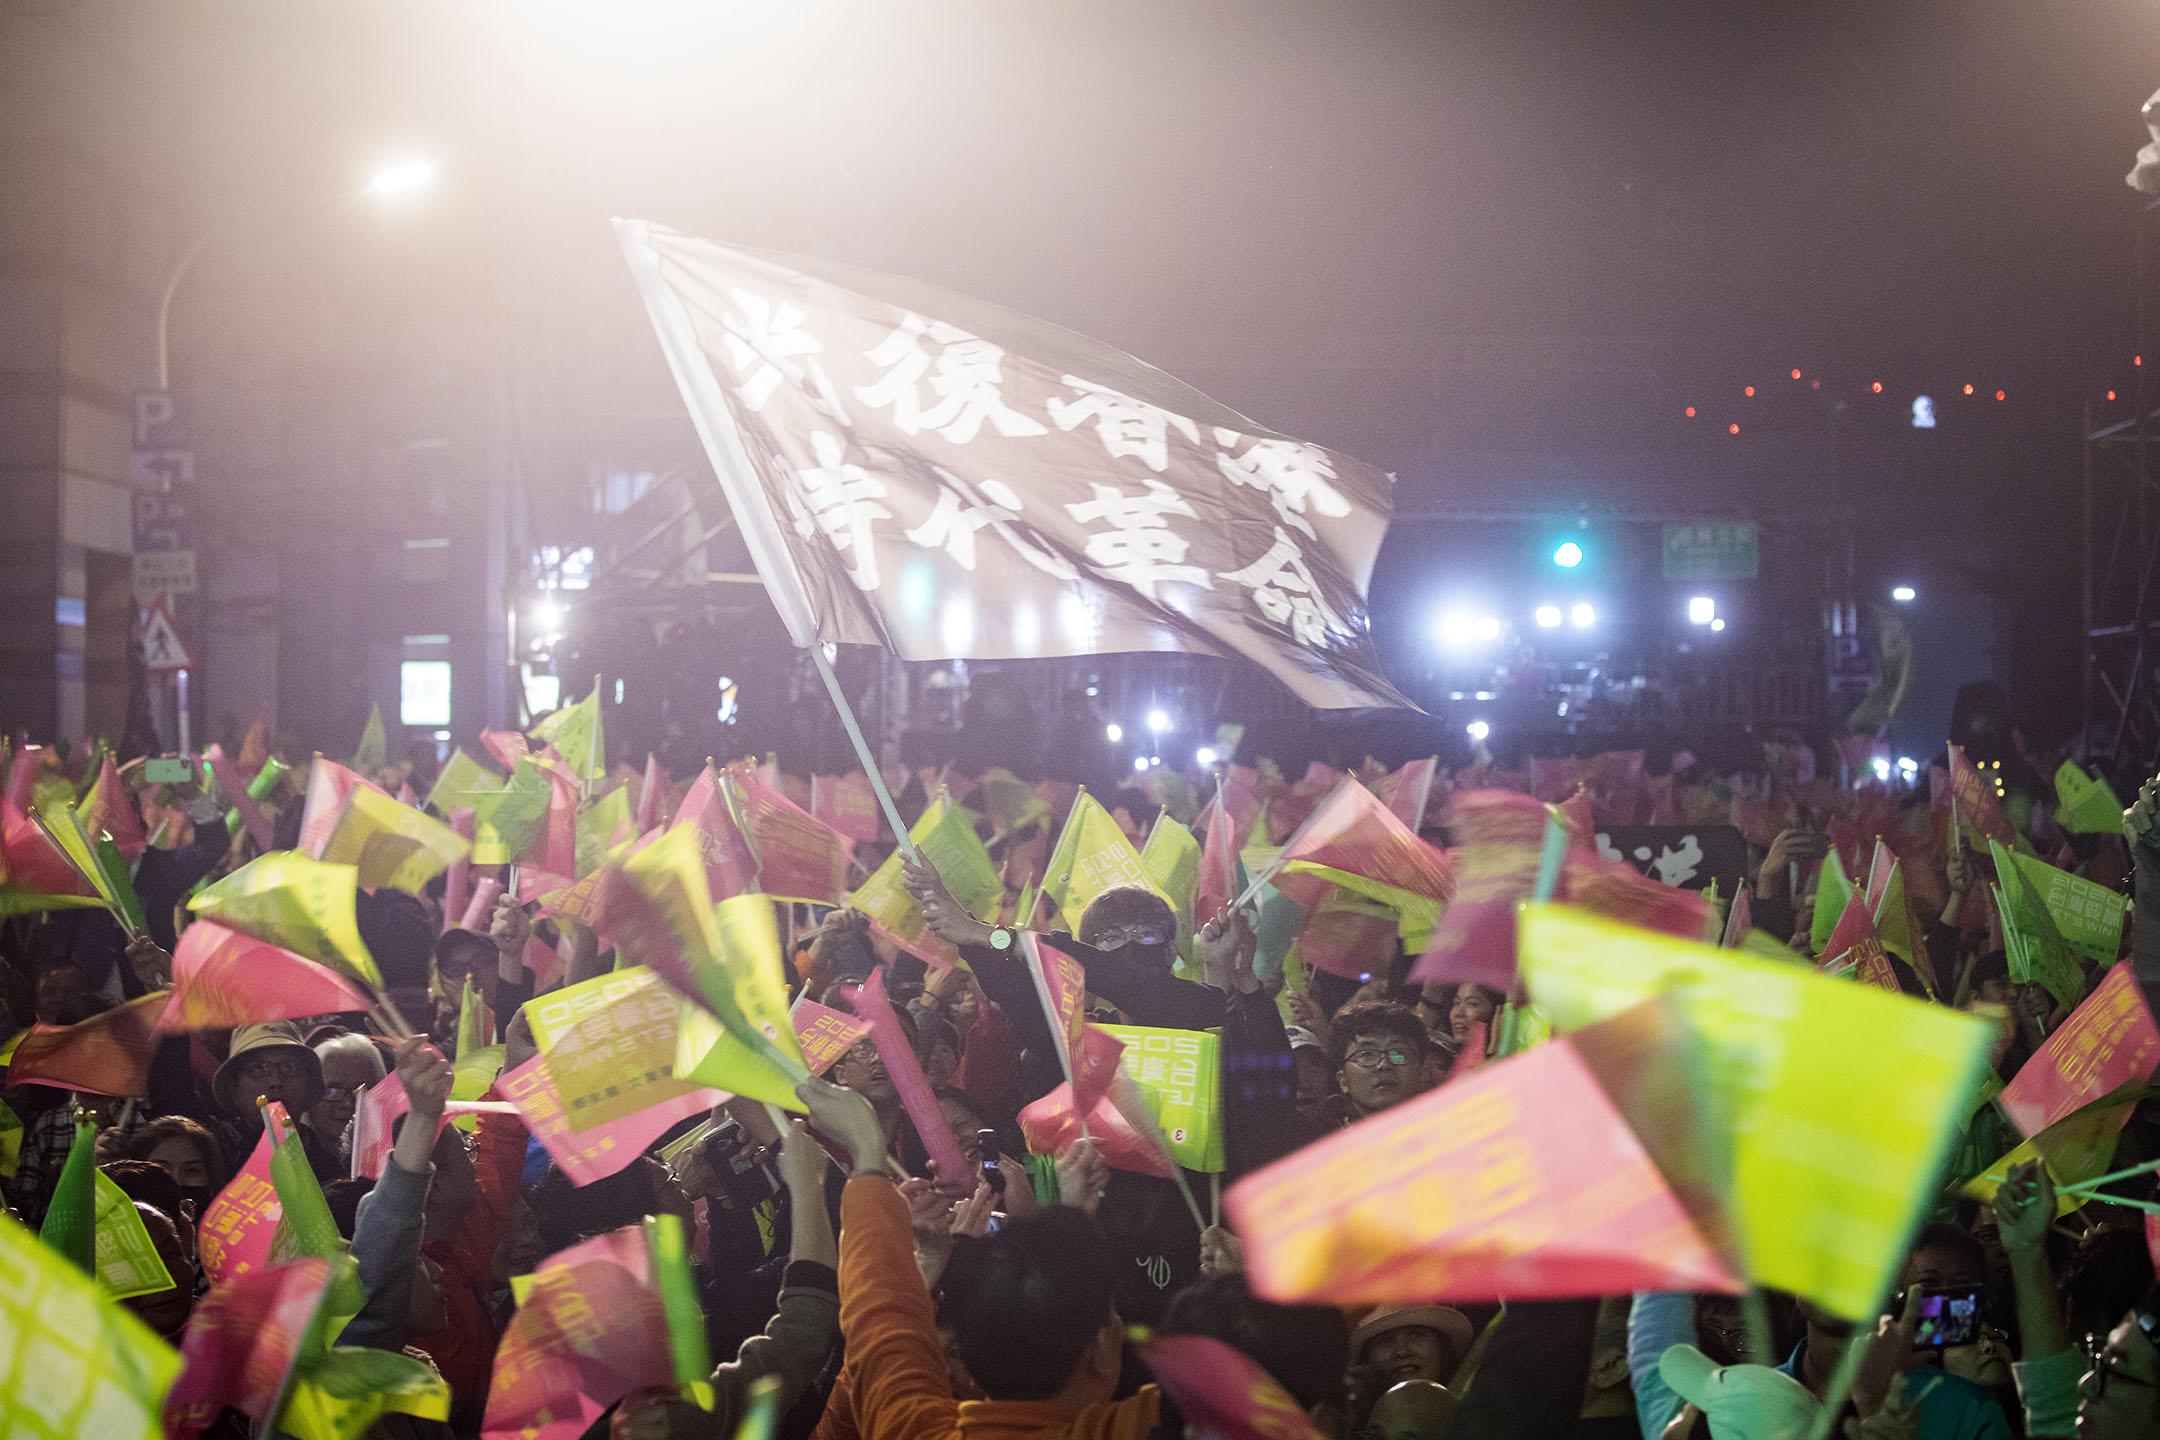 2020年1月11日台北,民進黨的開票晚會上,一名參與者高舉「光復香港時代革命」的旗幟。